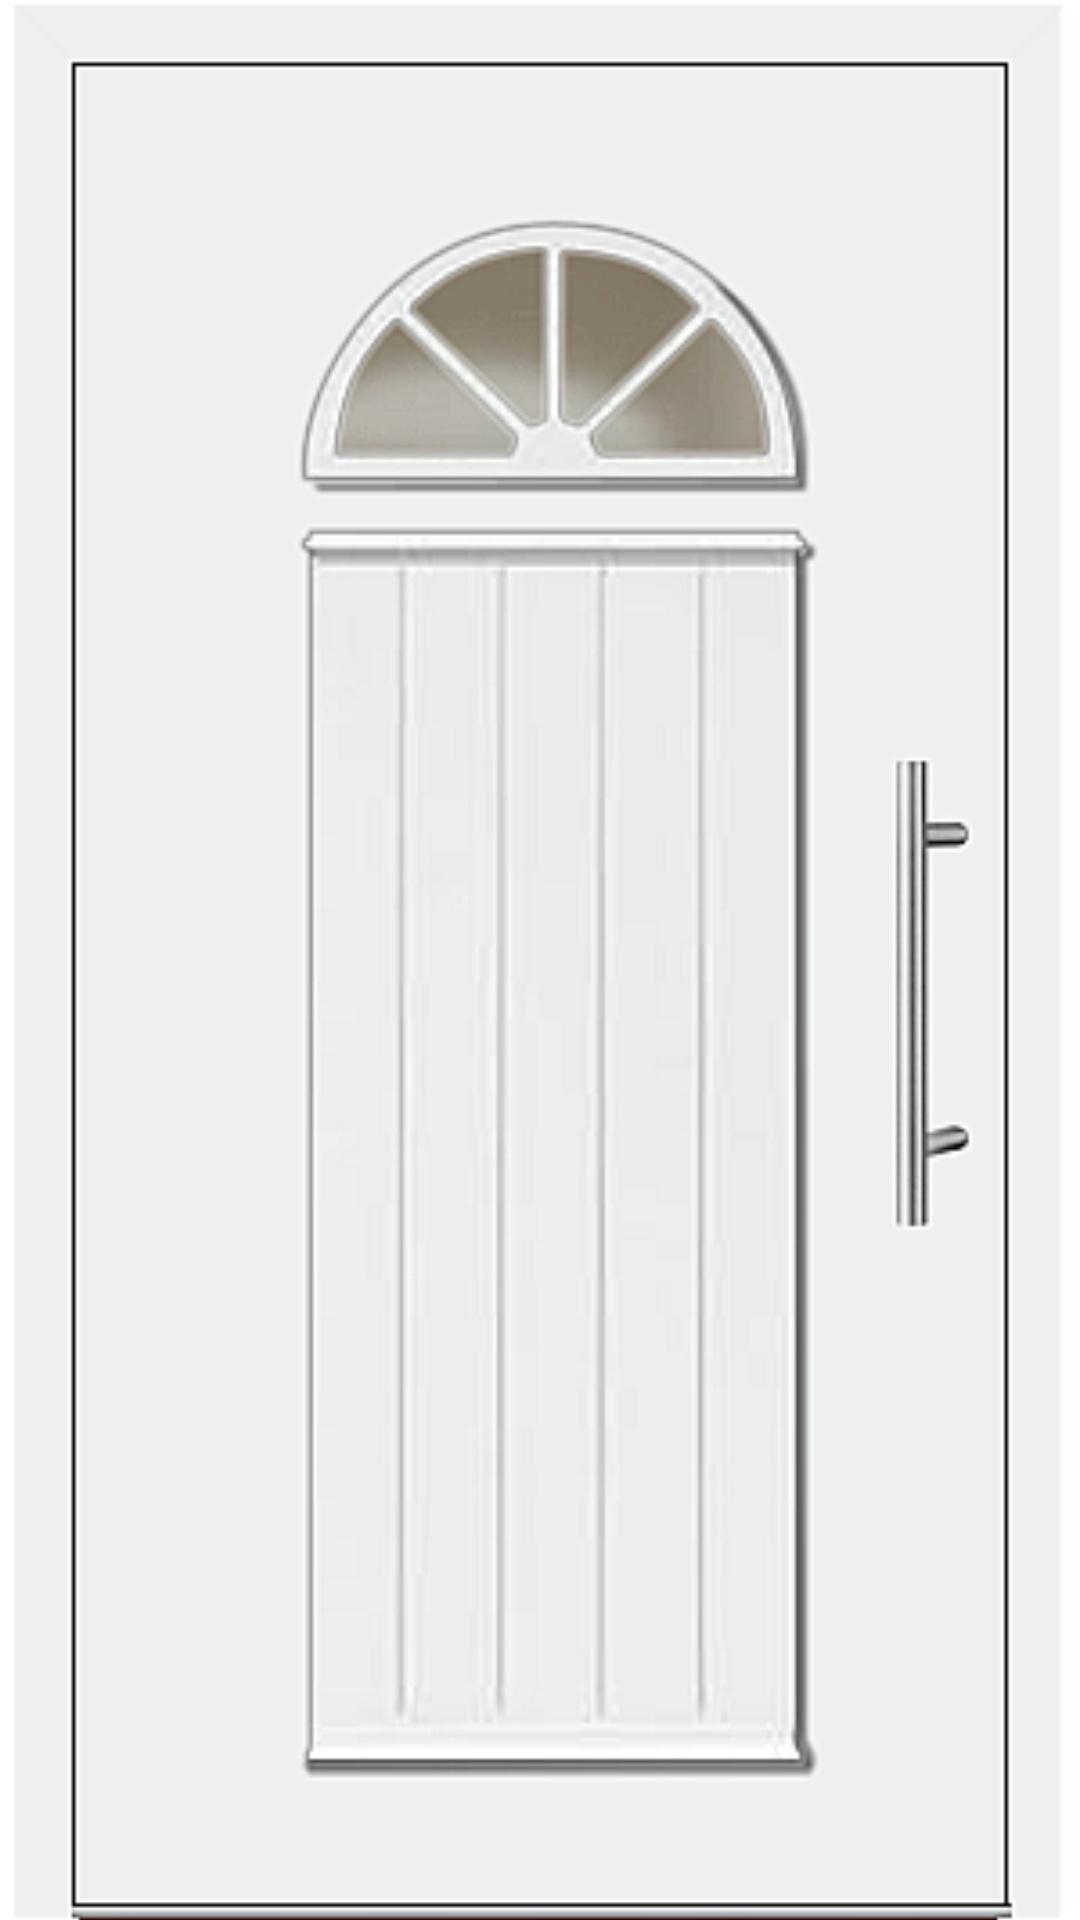 Kunststoff Haustür Modell 6541-11 weiß